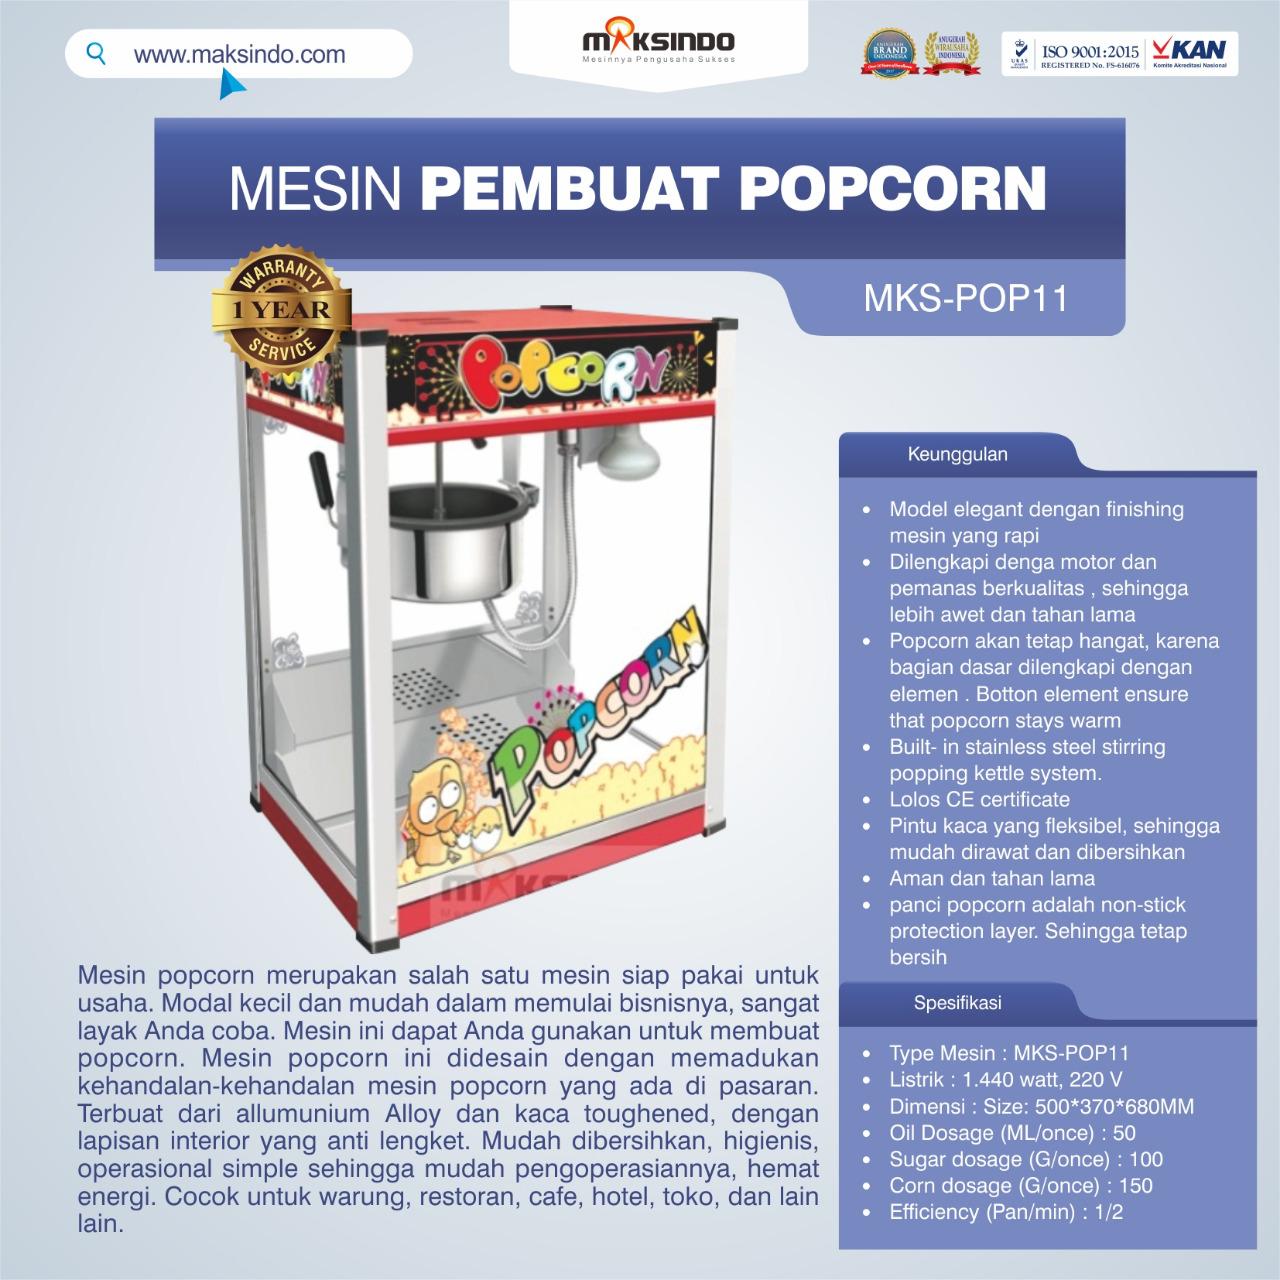 Jual Mesin Pembuat Popcorn (POP11) di Bali